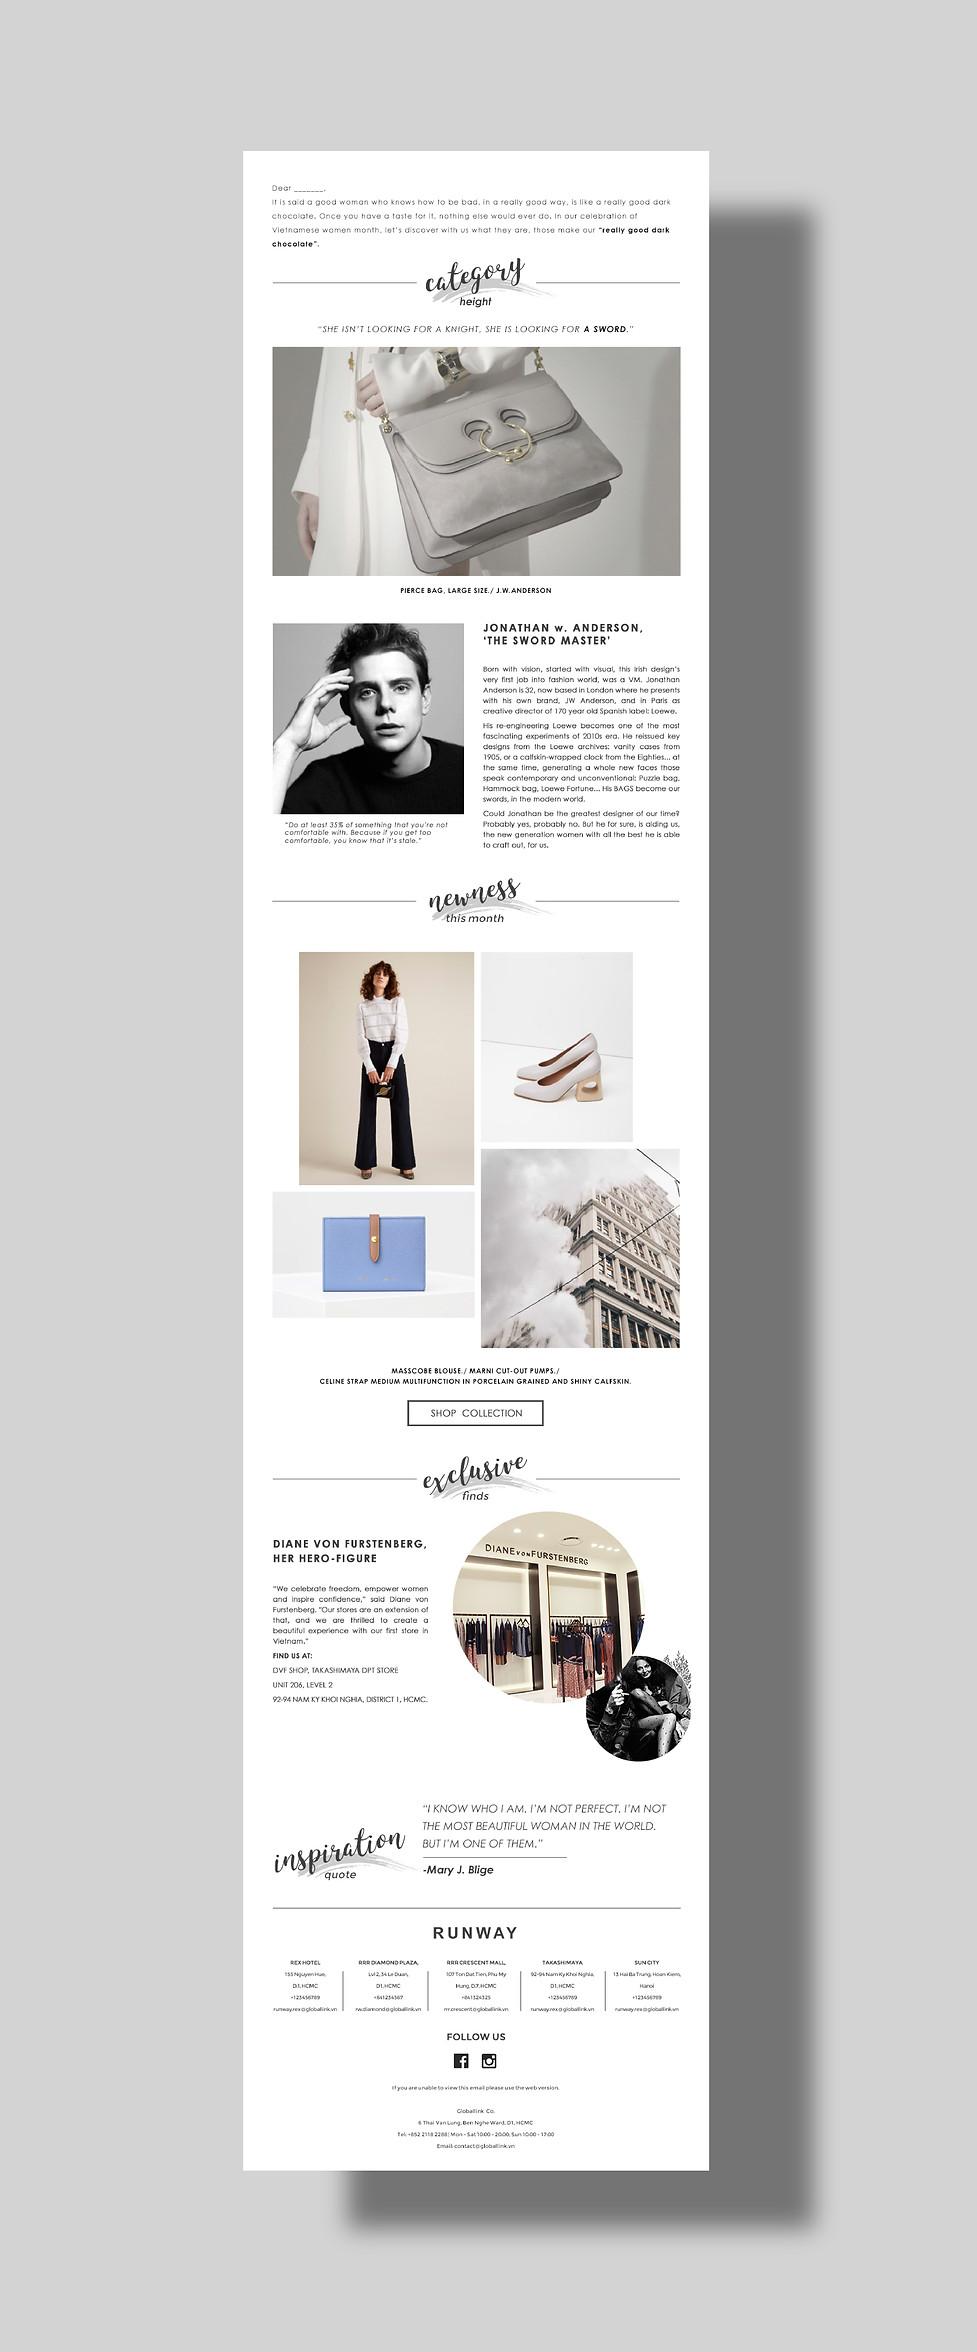 newsletter_template_final-02.jpg